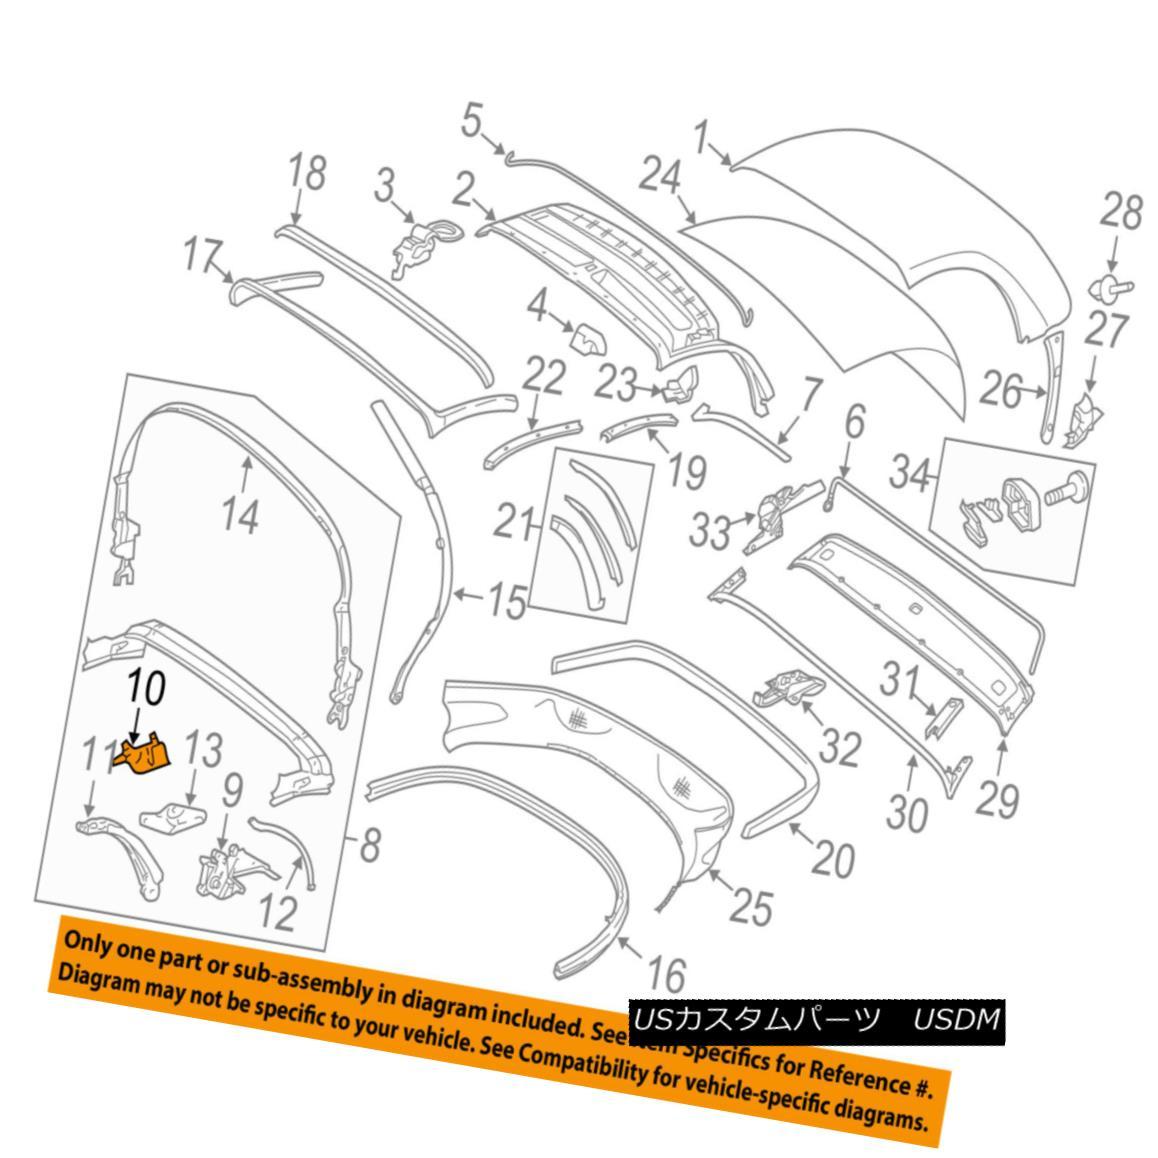 幌・ソフトトップ PORSCHE OEM 05-12 Boxster Convertible/soft Top-Trim Right 98756116601A09 PORSCHE OEM 05-12 Boxster Convertible / so ftトップトリムライト98756116601A09